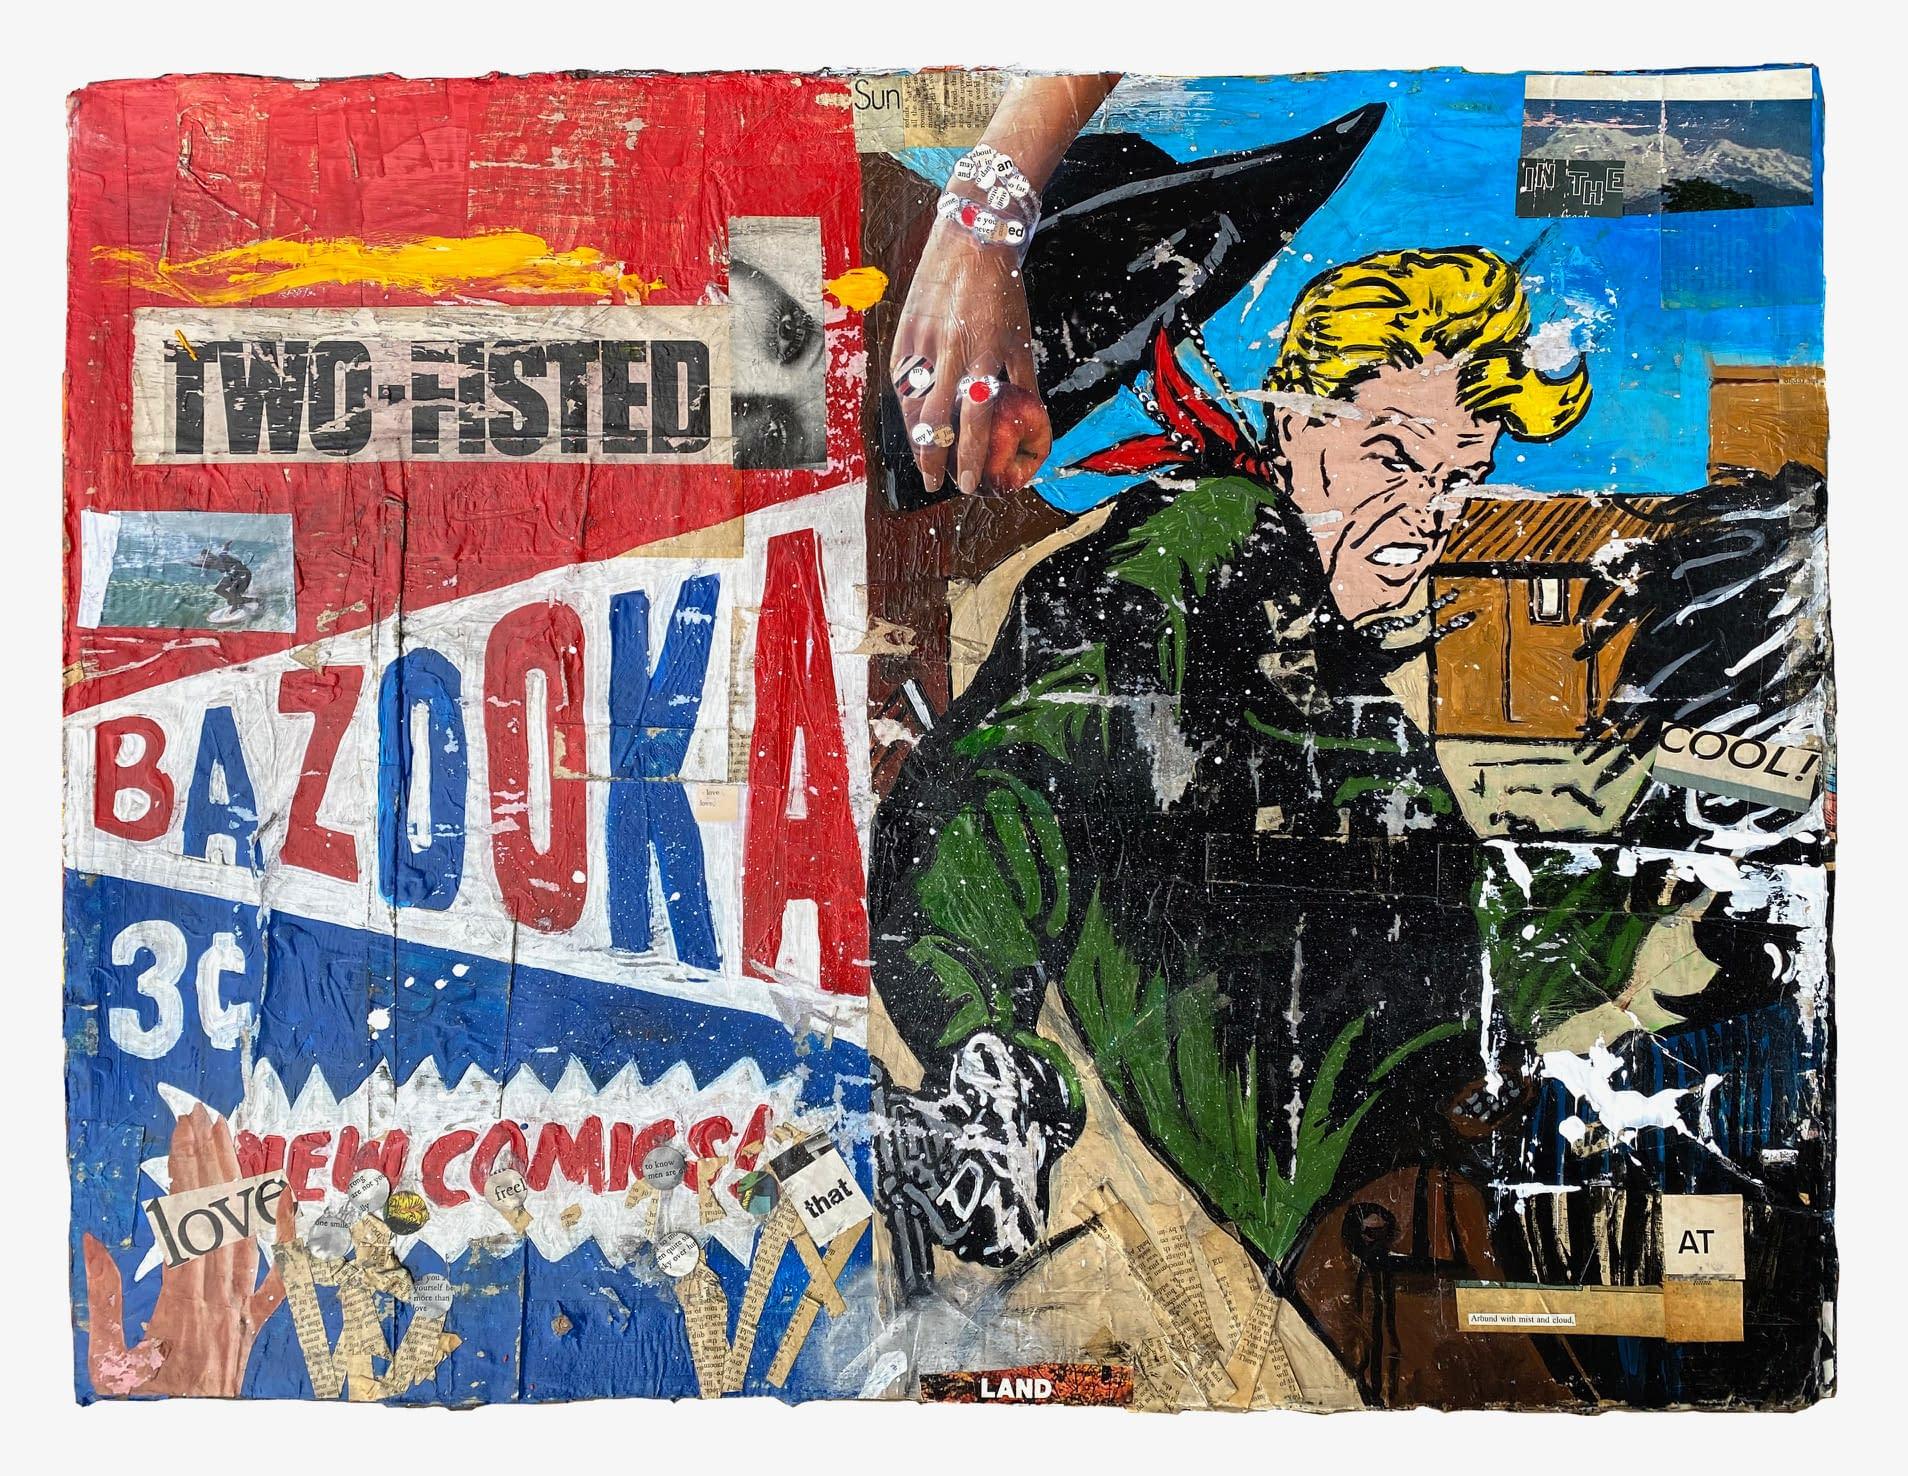 Bazooka_Greg_Miller_Acrylic_Collage_on_Paper_23_x_30